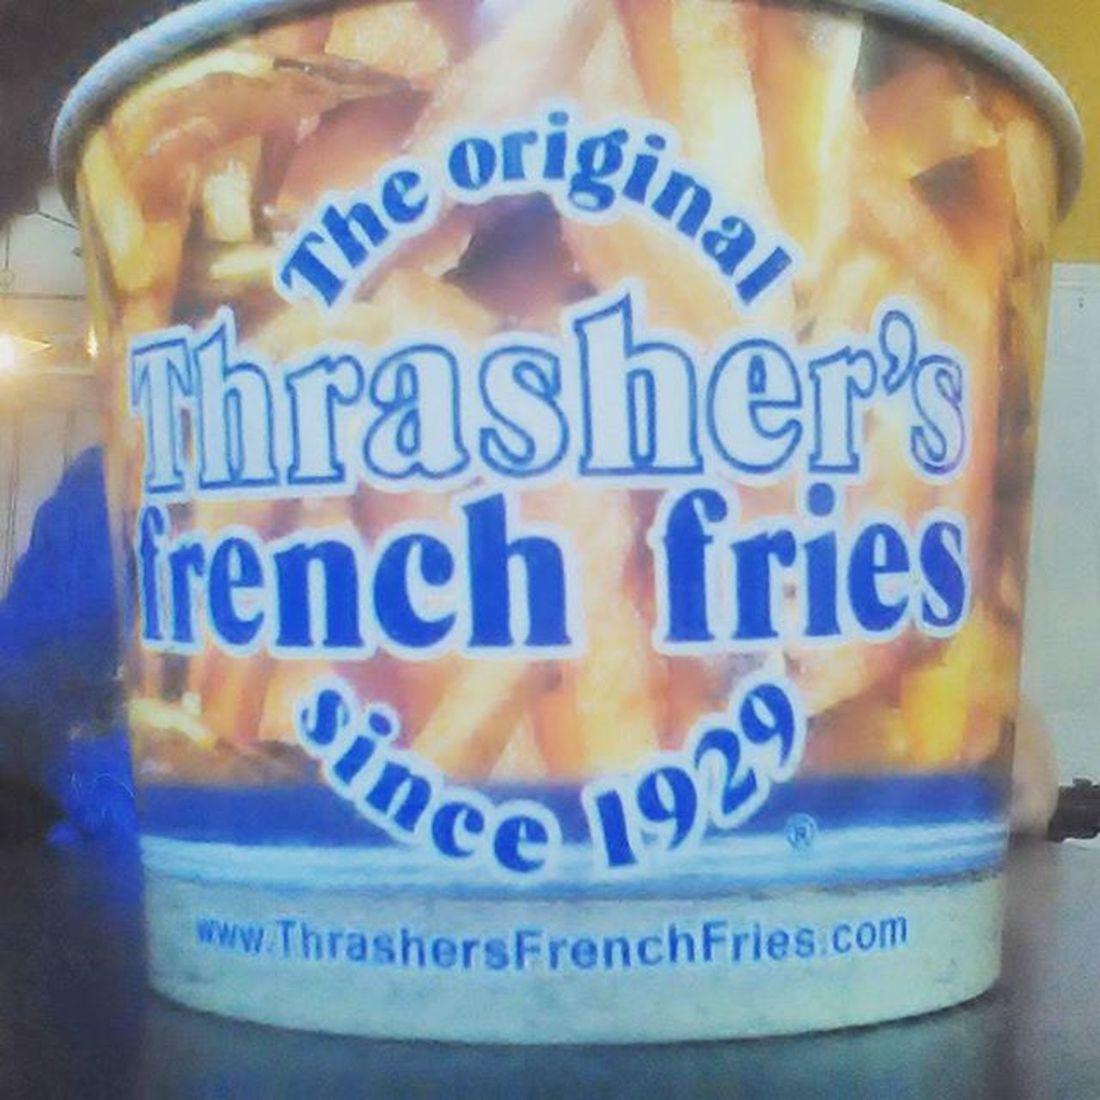 Yummmmy! Thrashers OceanCity Maryland